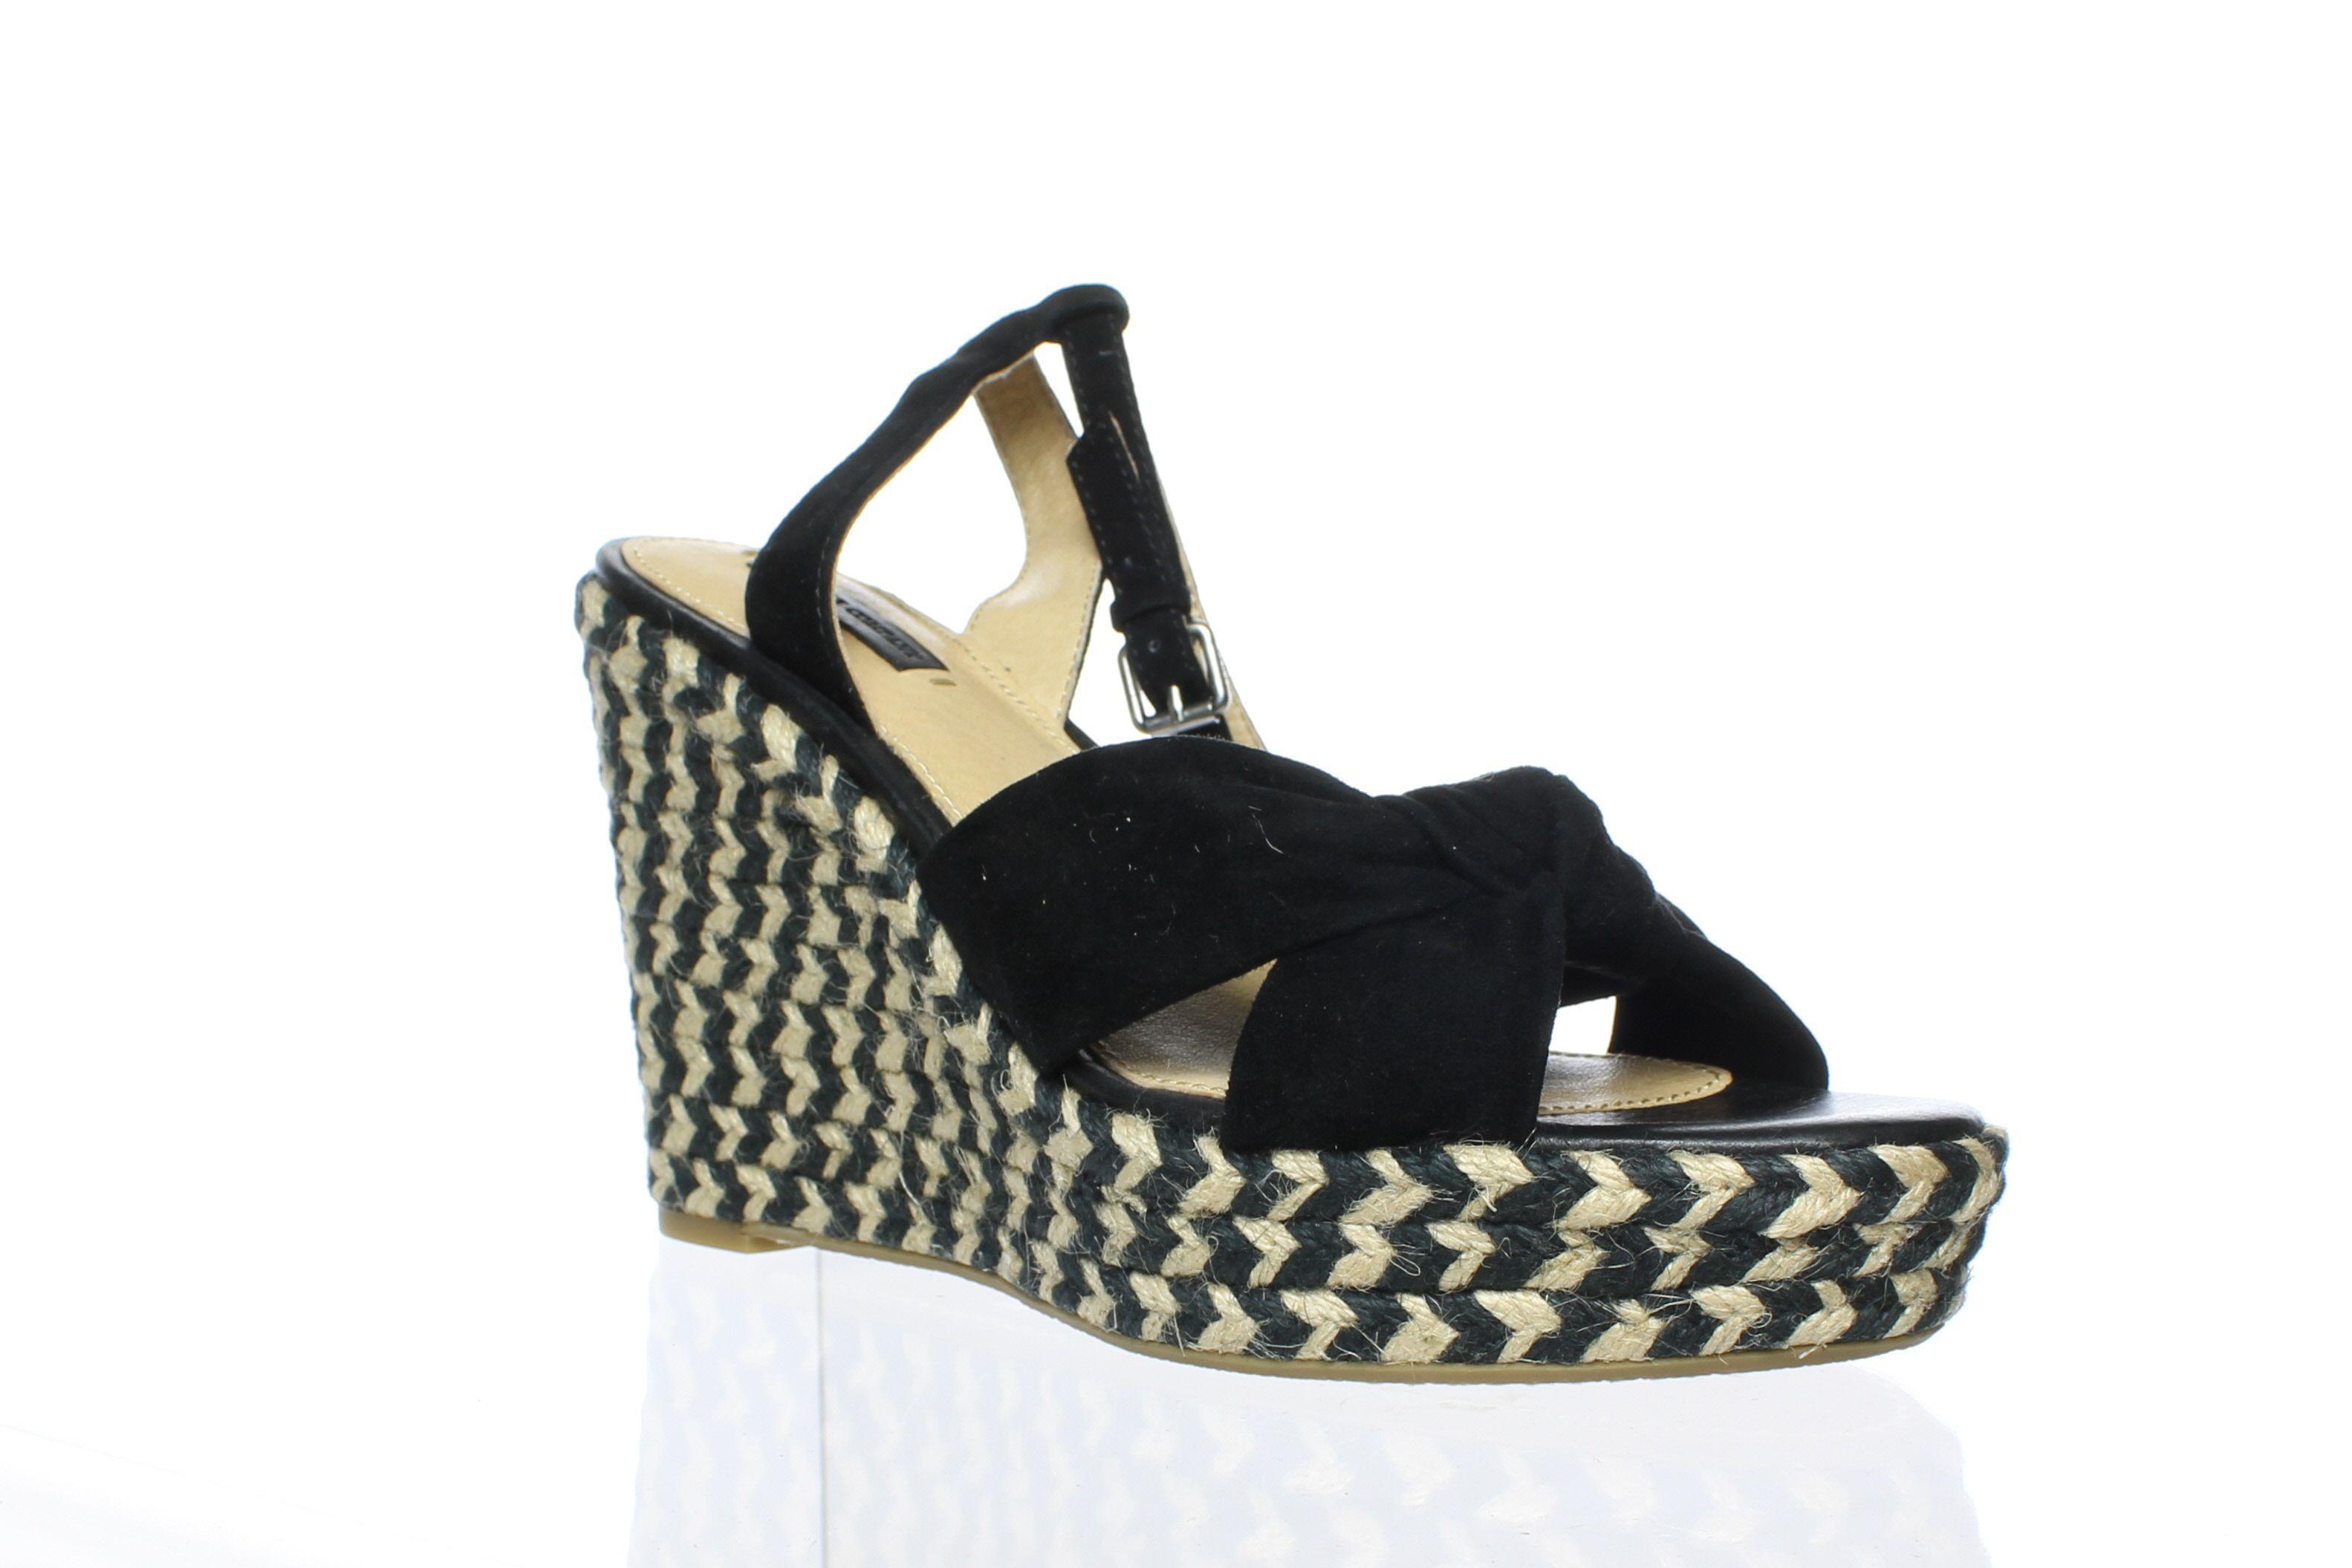 d7a8e766d35 Lyst - Frye Womens Charlotte Black-70113 Ankle Strap Heels in Black